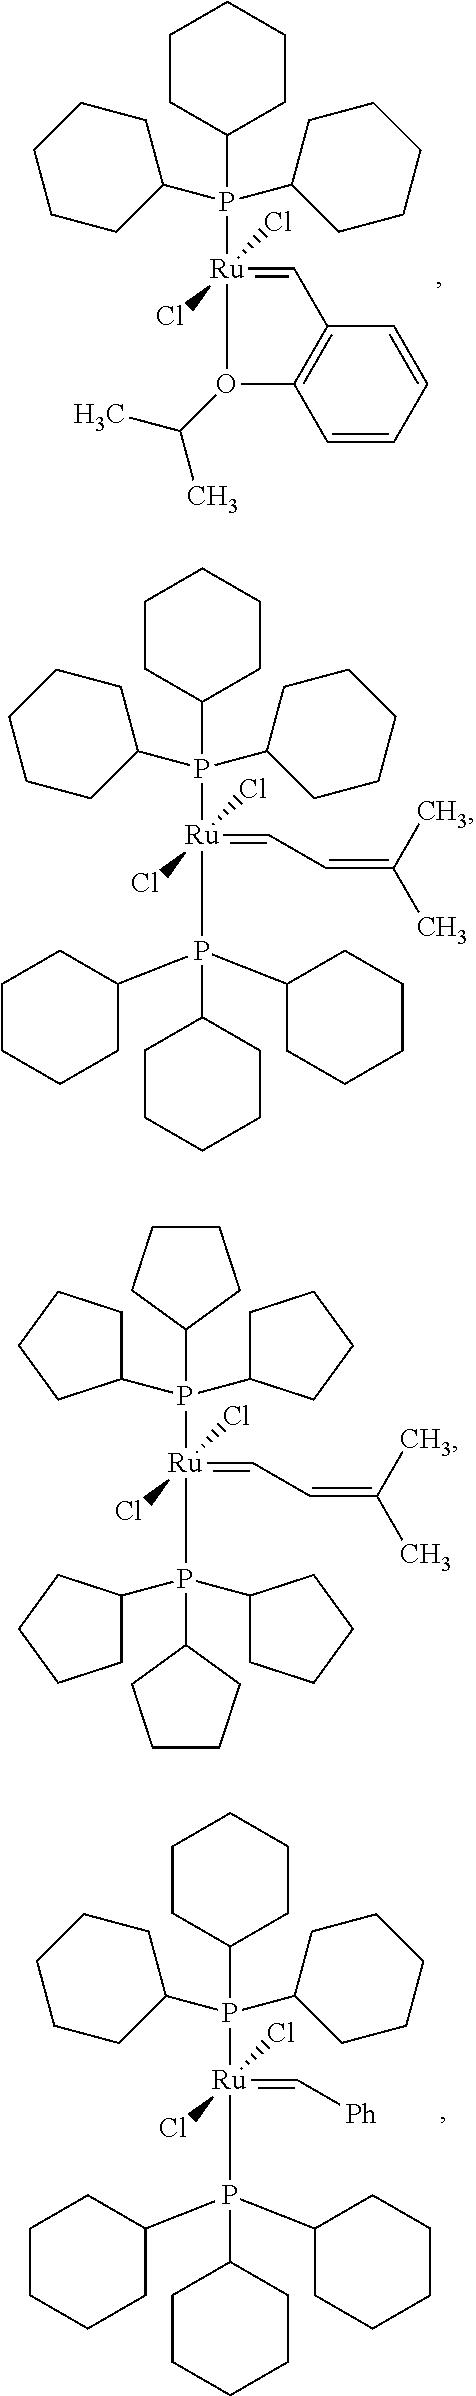 Figure US09163122-20151020-C00014